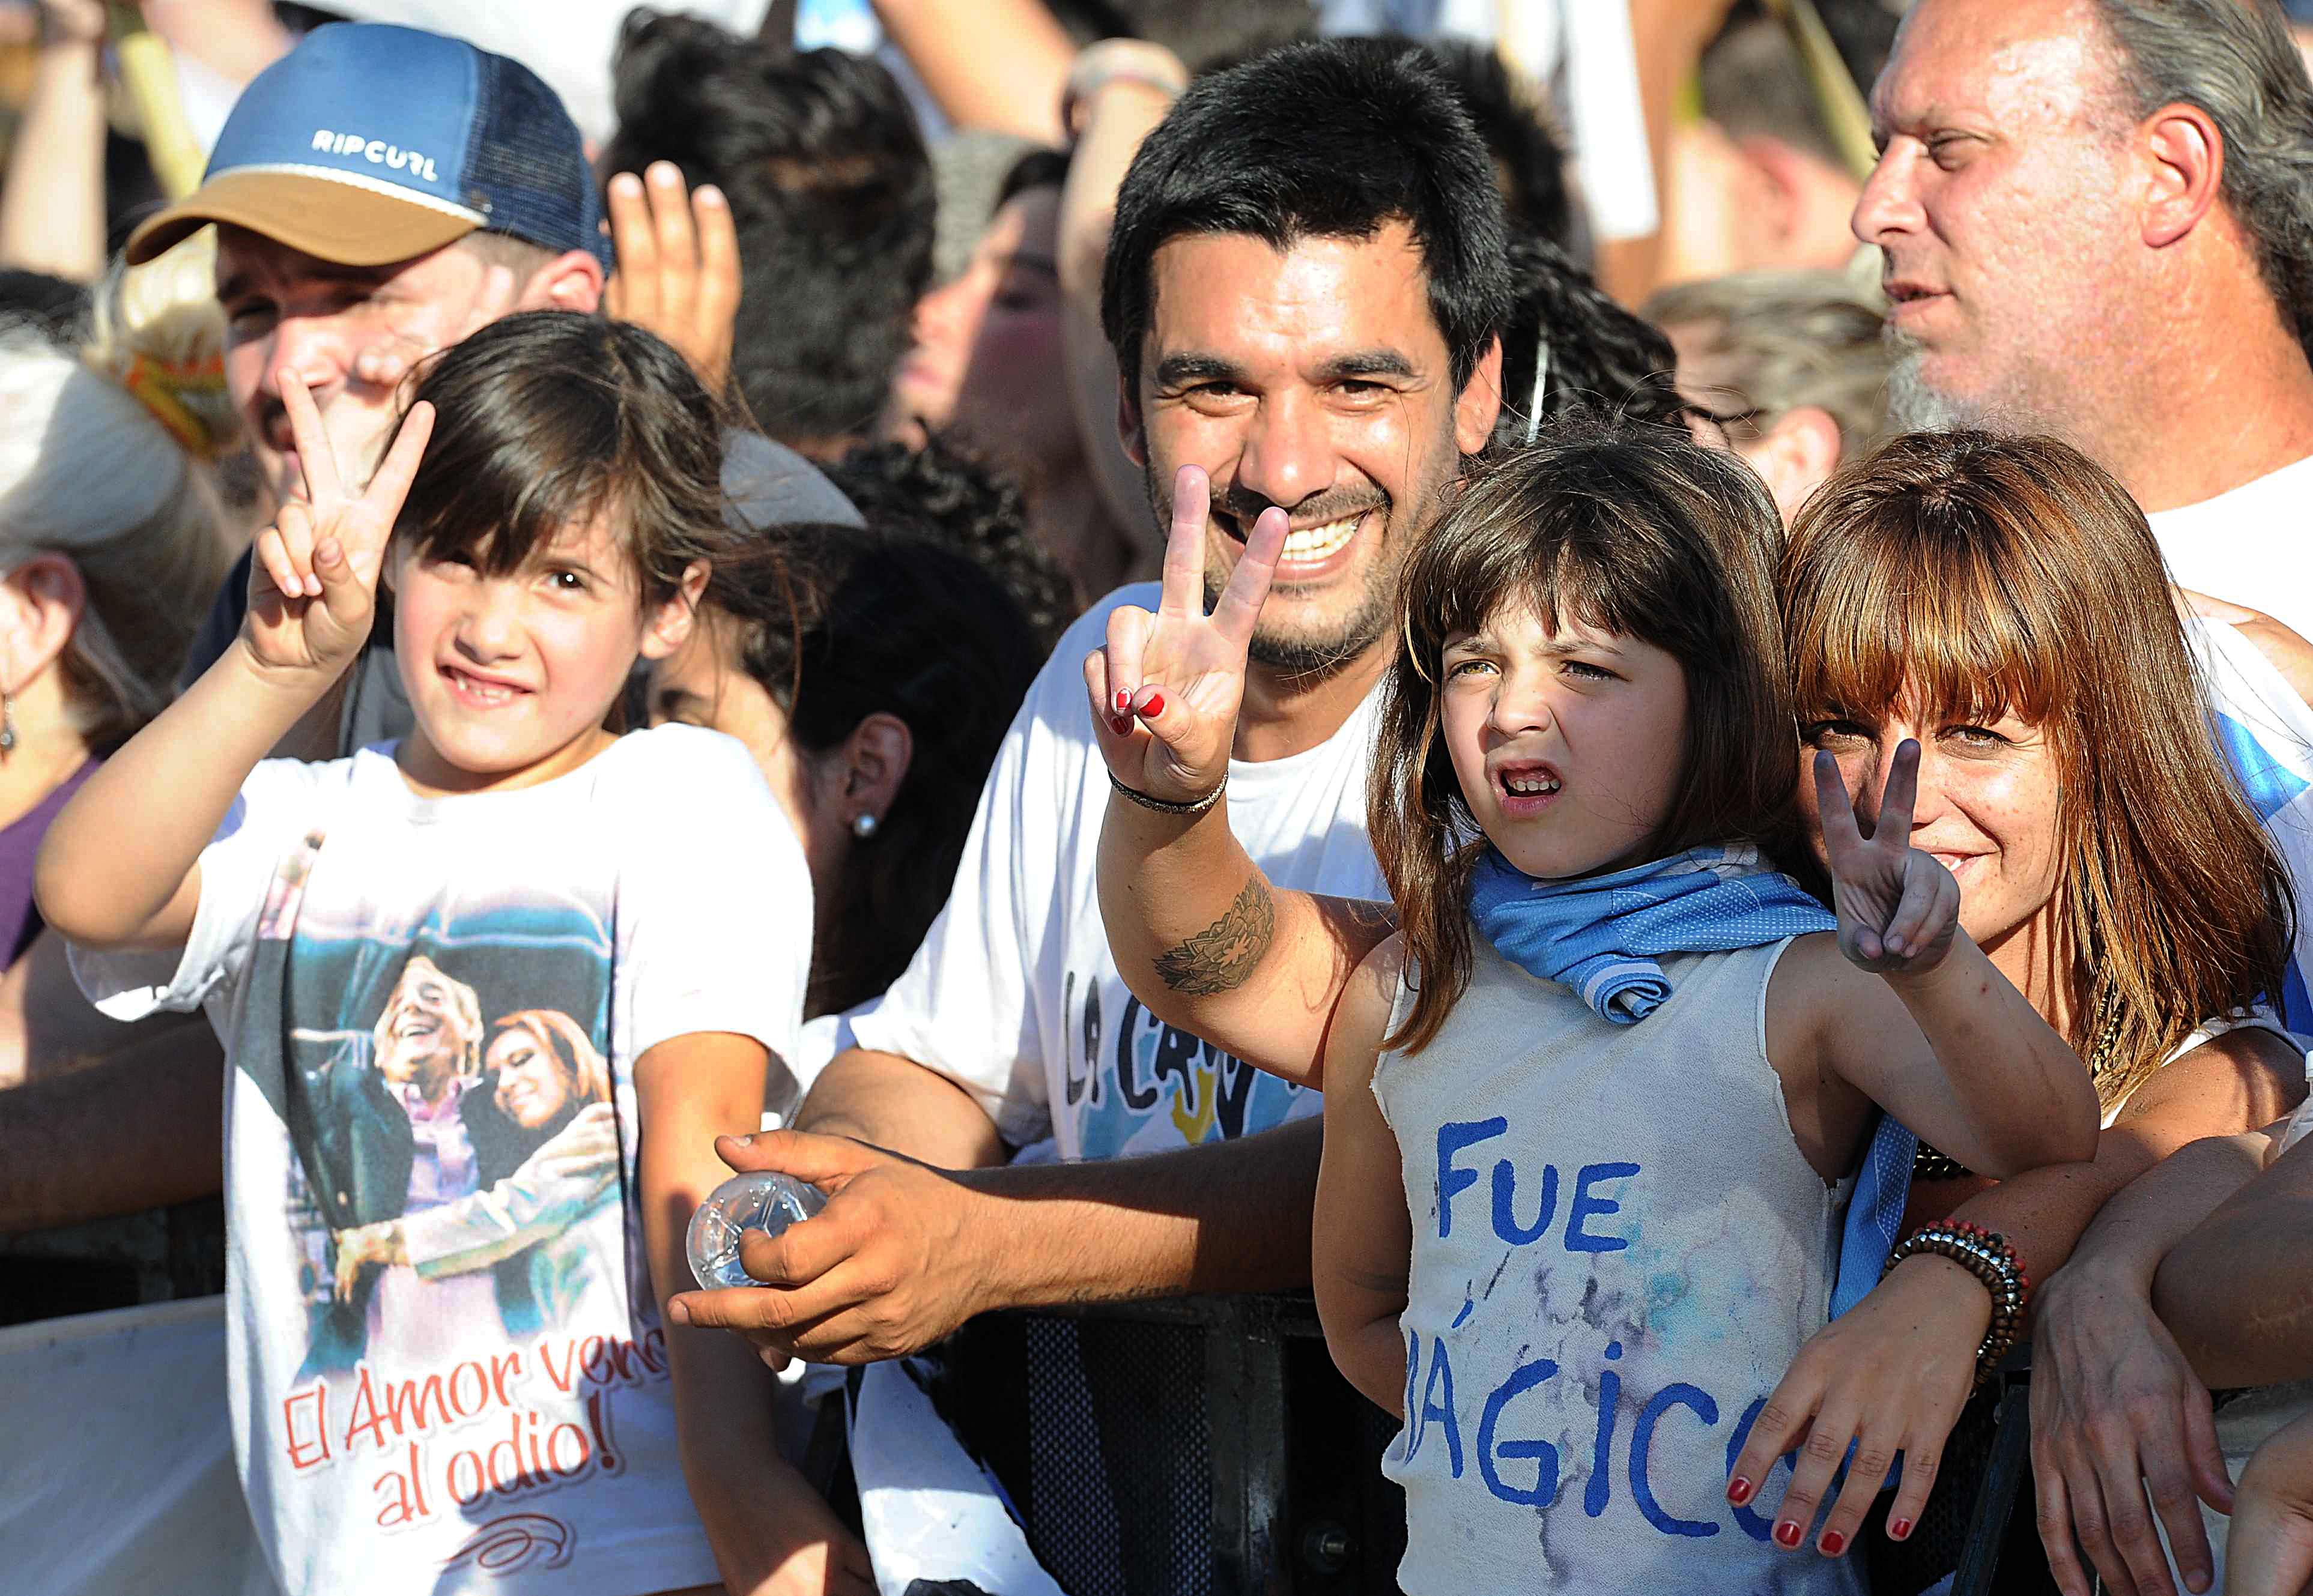 02-12-2015_buenos_aires_militantes_con_banderas